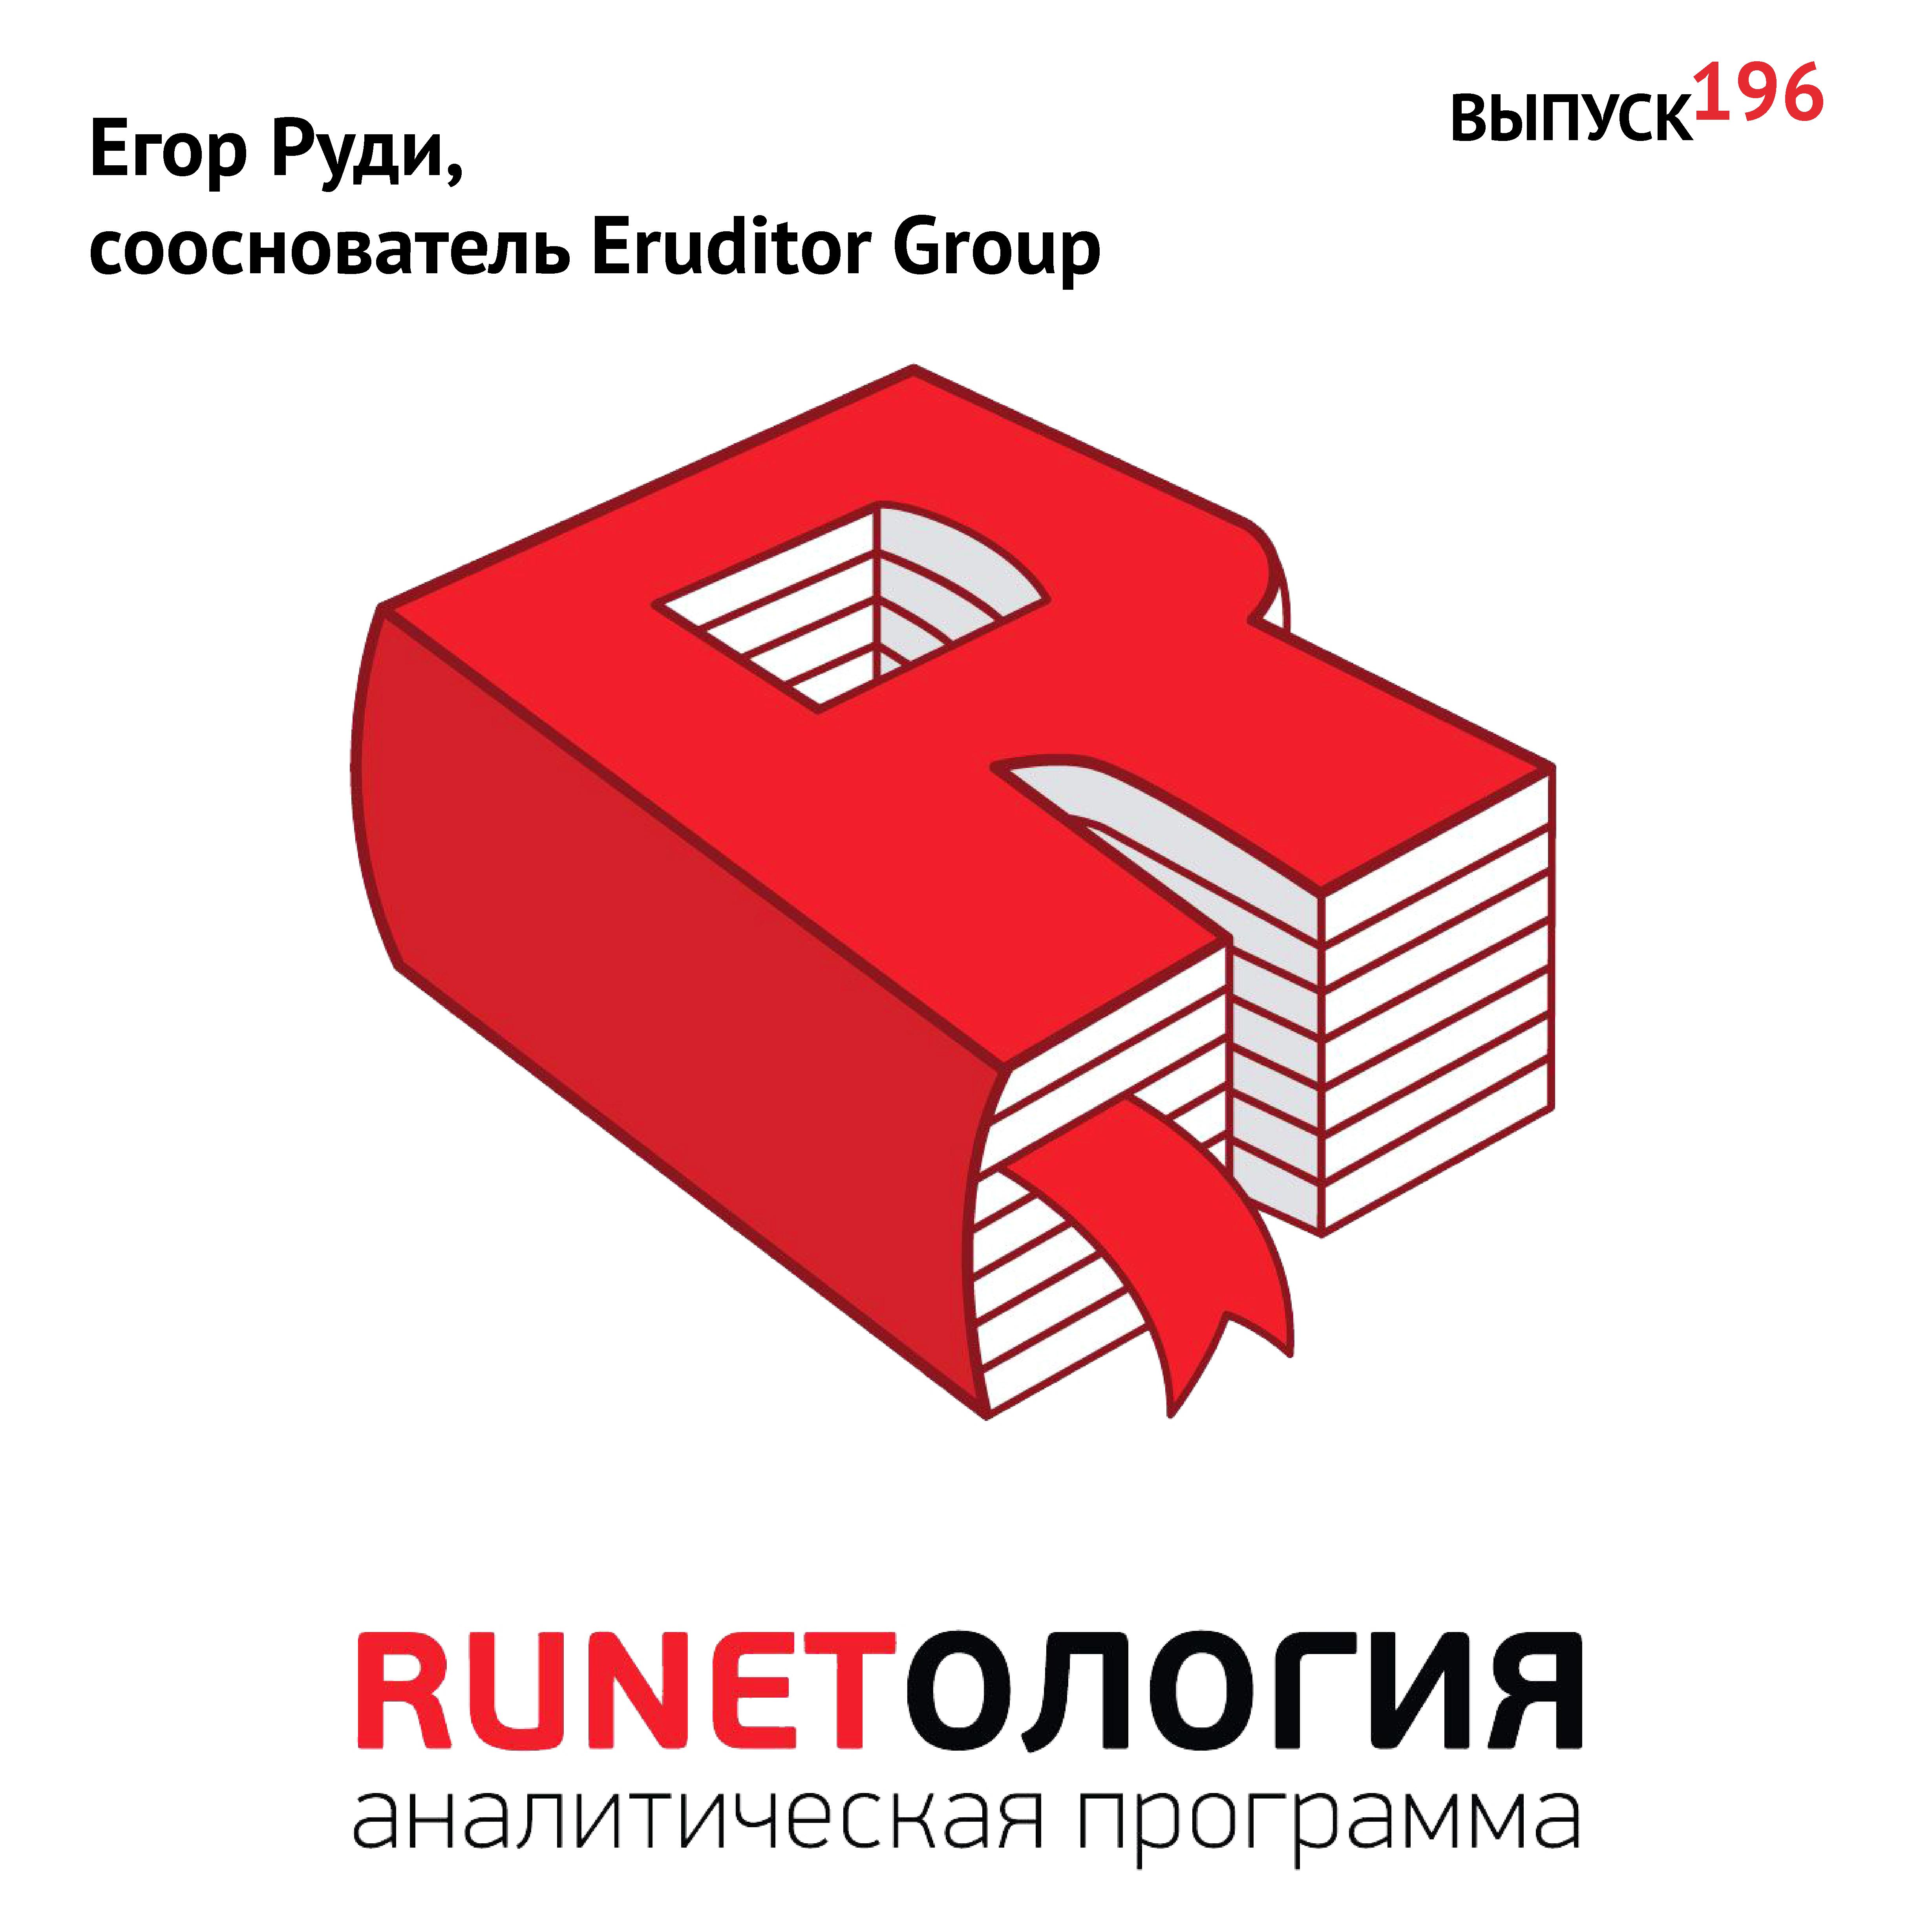 Максим Спиридонов Егор Руди, сооснователь Eruditor Group